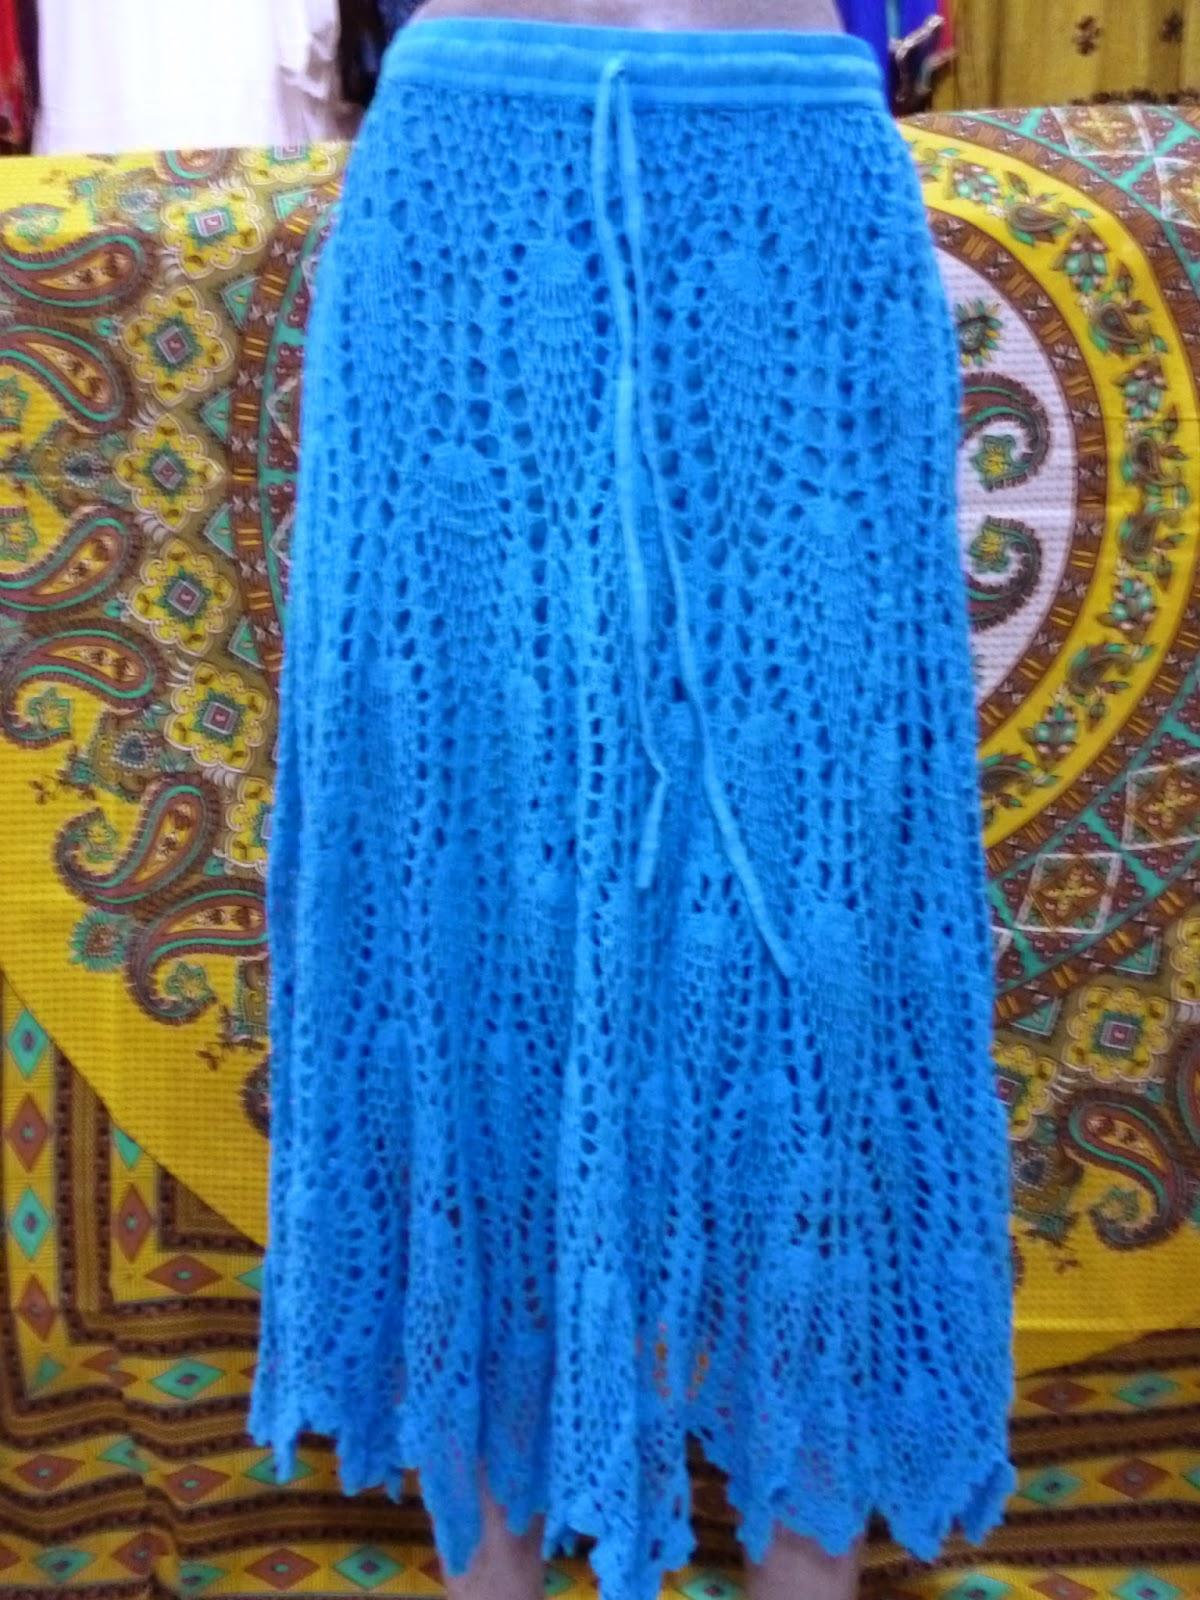 Ropa y artesanias de la india blusas faldas vestido saris - Lamparas de la india ...